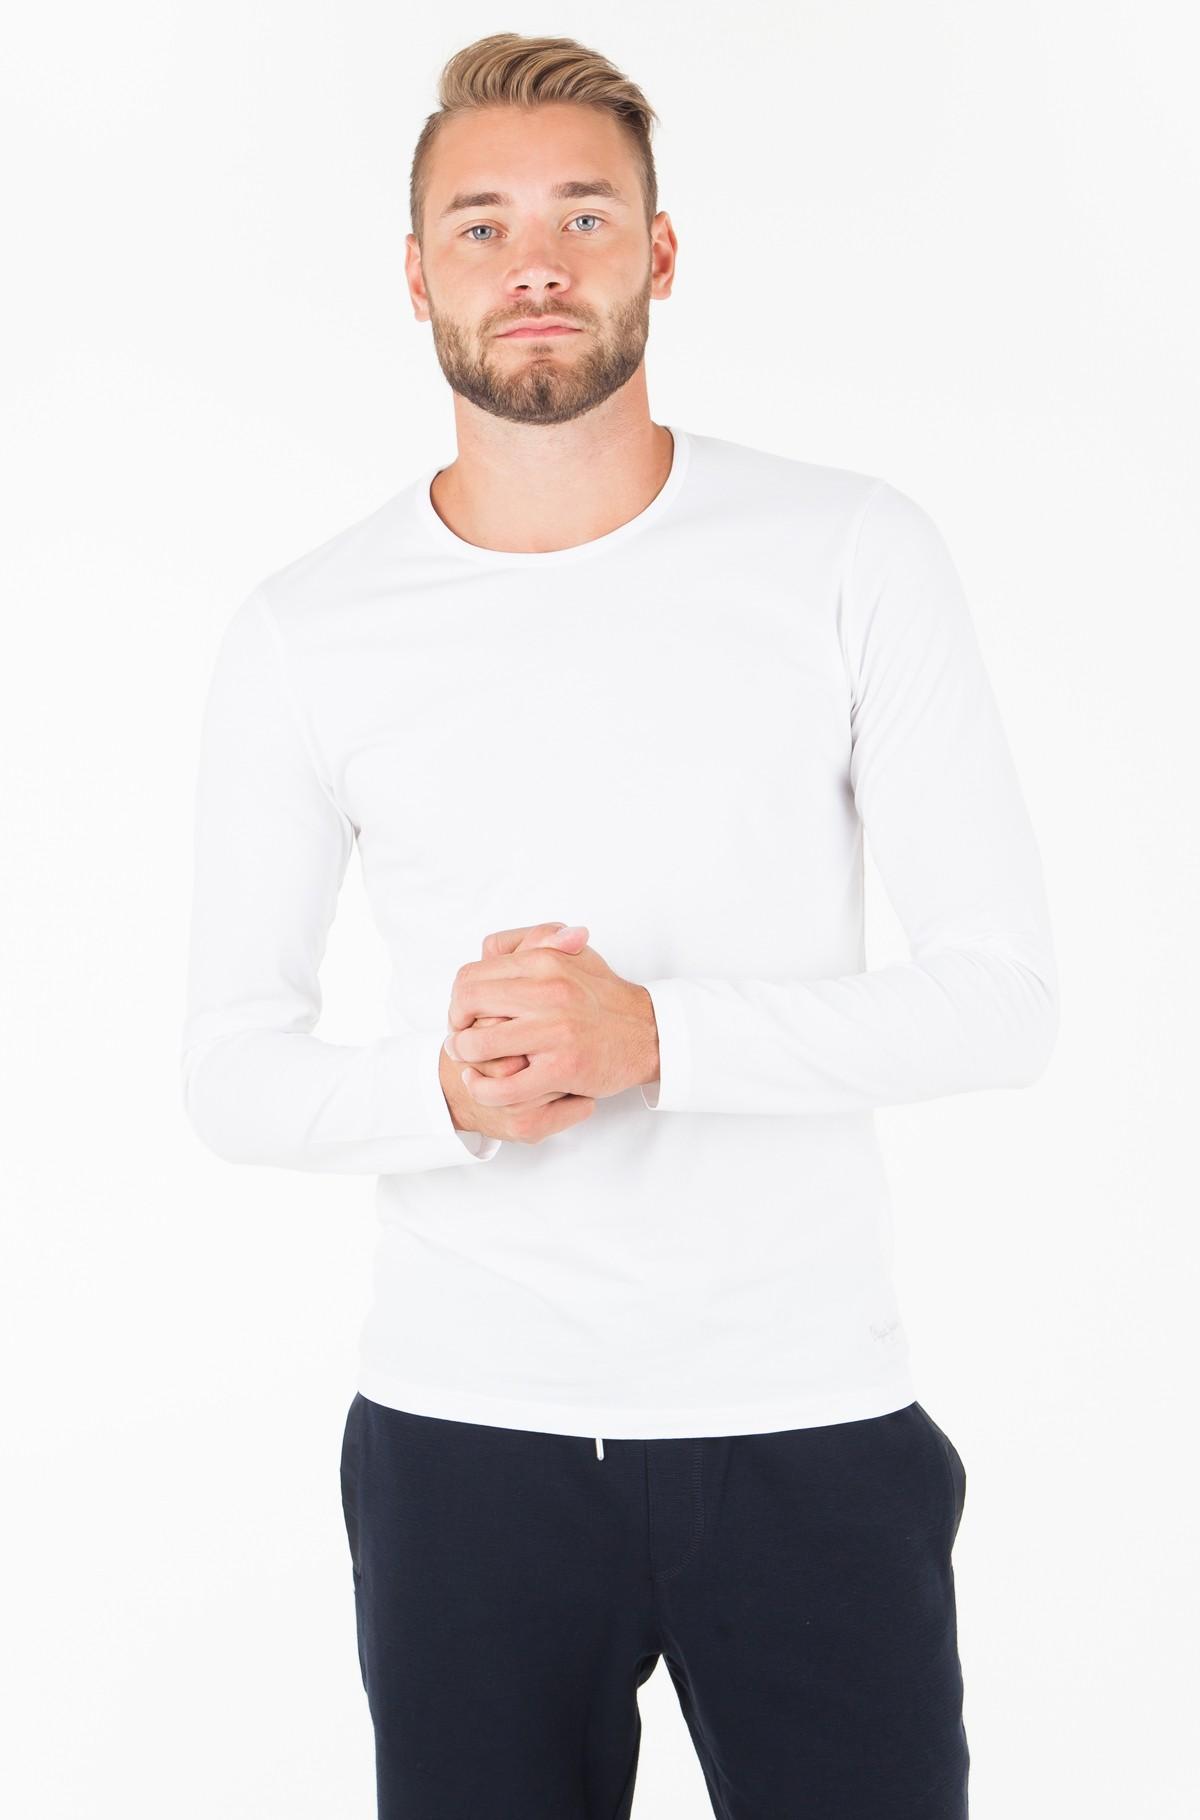 T-krekls ar garām piedurknēm  ORIGINAL BASIC L/S/PM503803-full-1